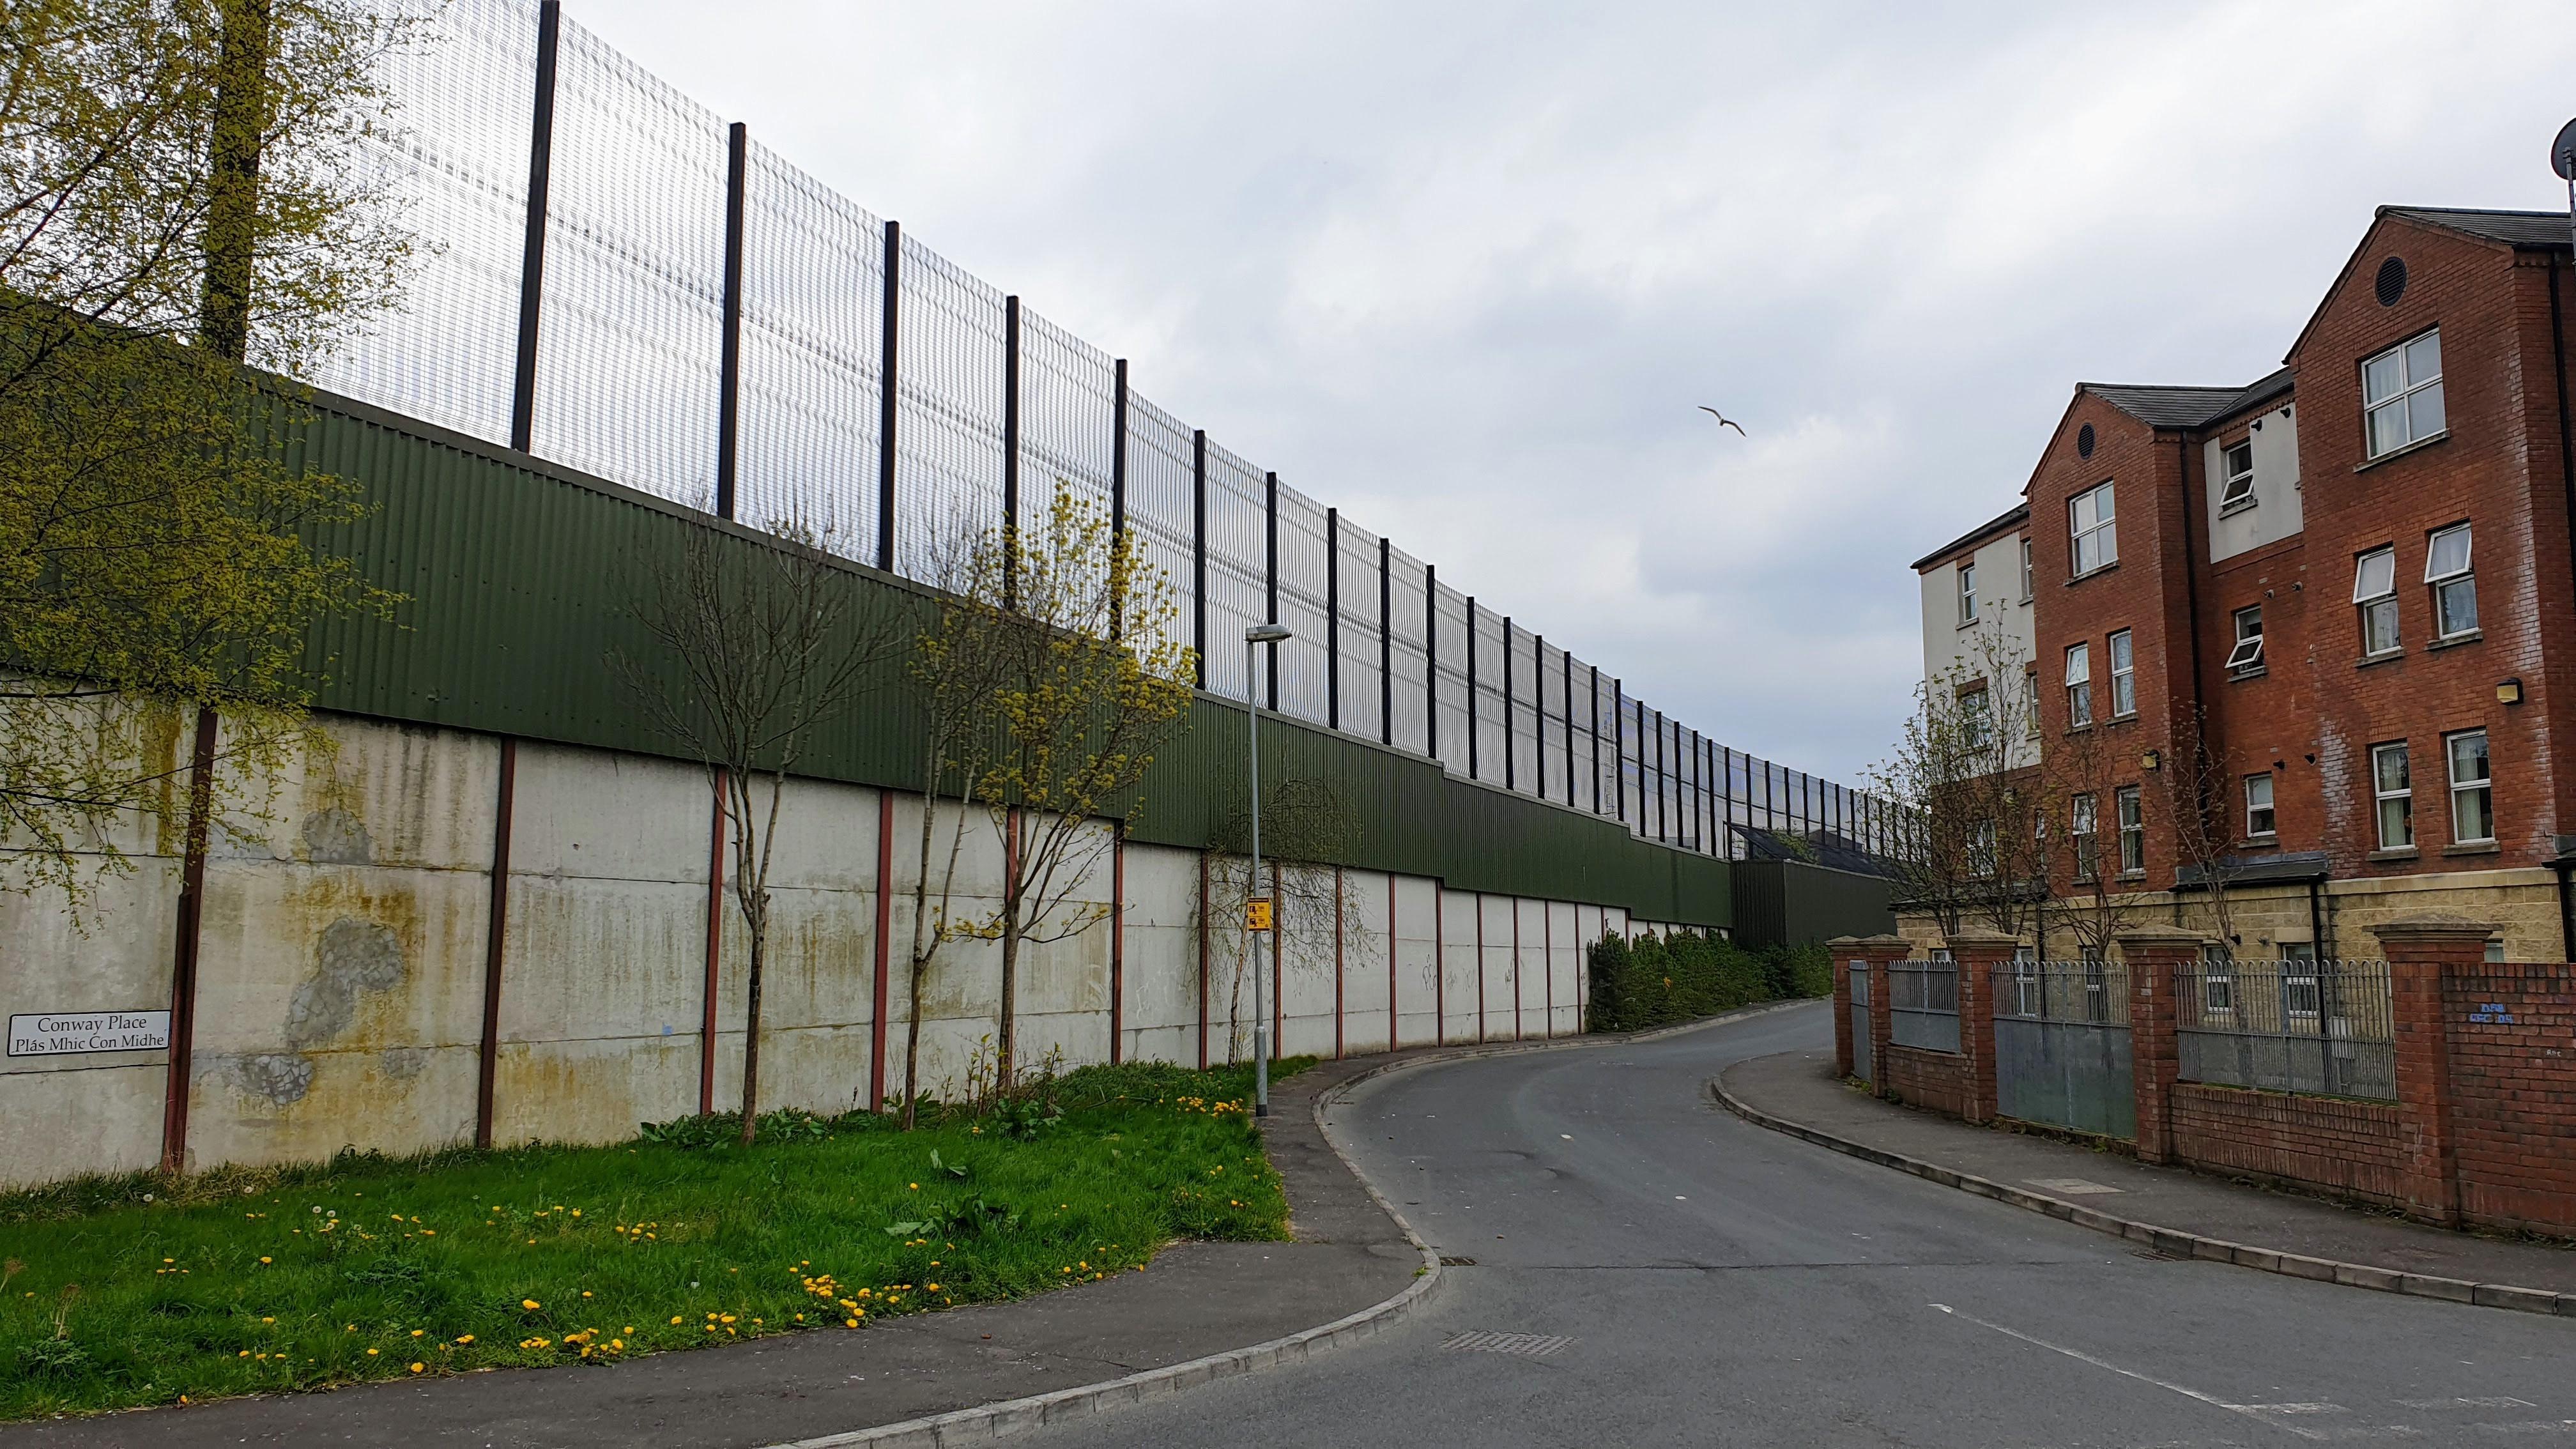 El muro divide a la ciudad de Belfast